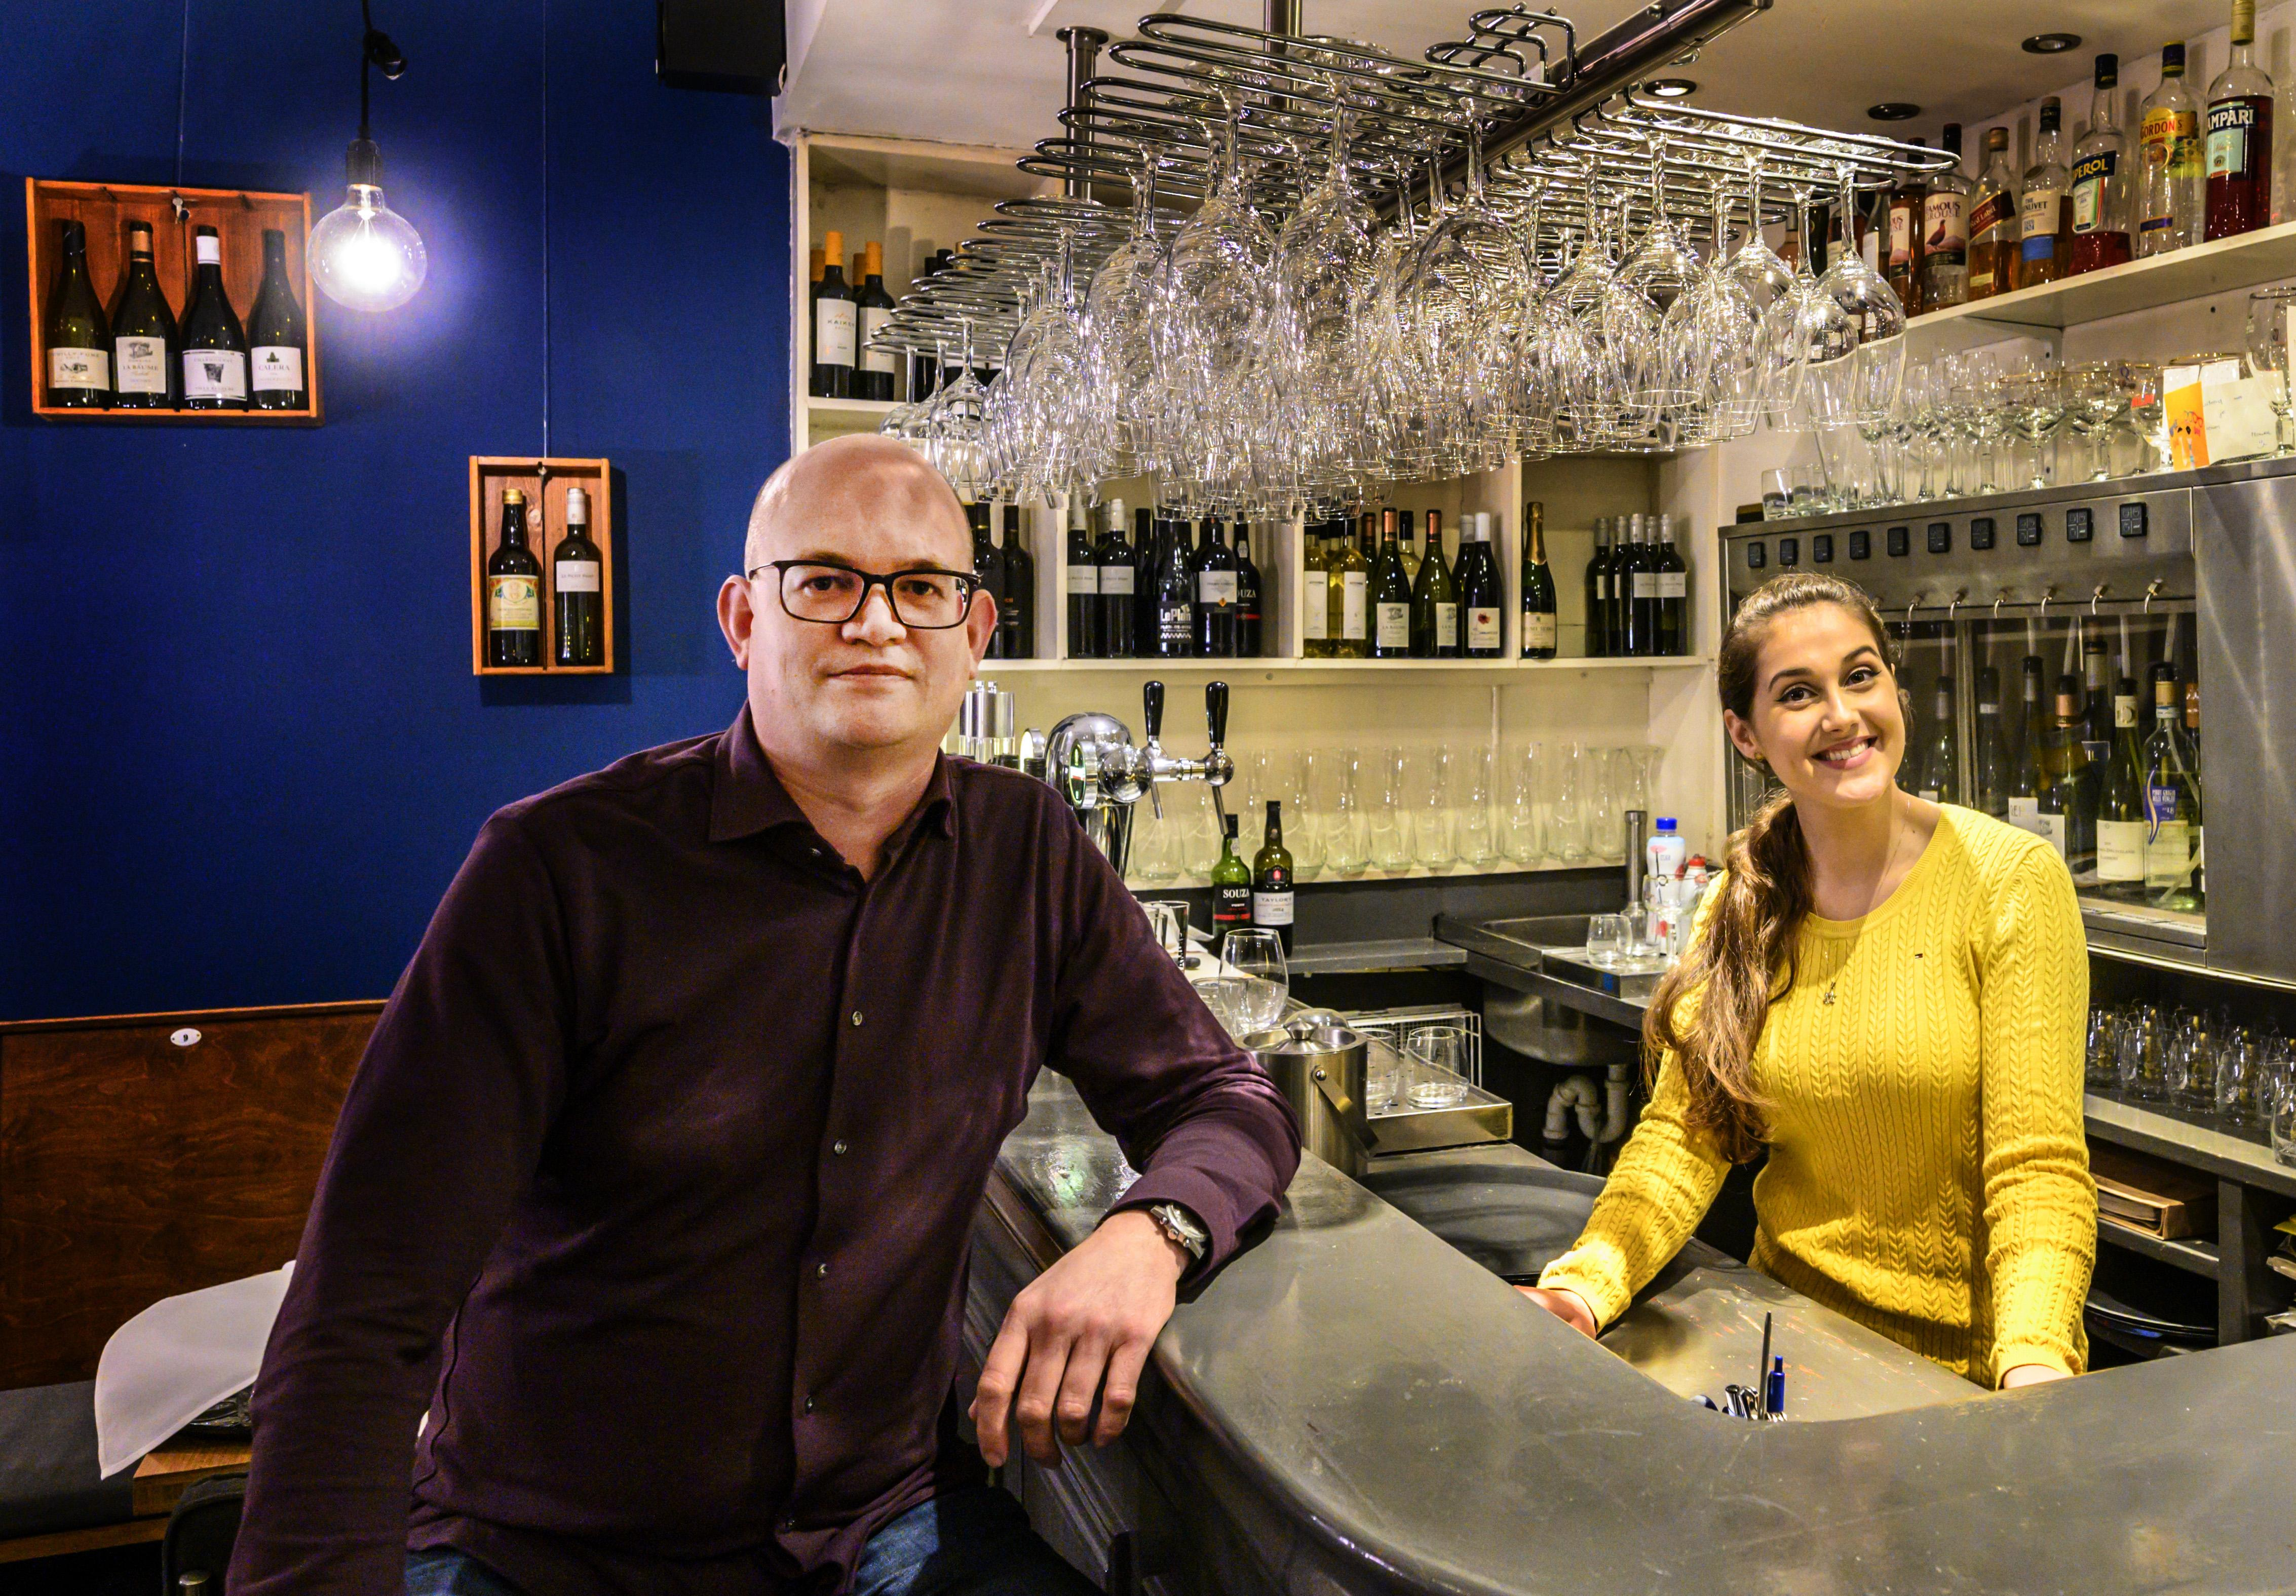 Marcel Tholen is toe aan nieuw Haarlems horeca-avontuur: hij stopt met restaurant en begint een wijnbar